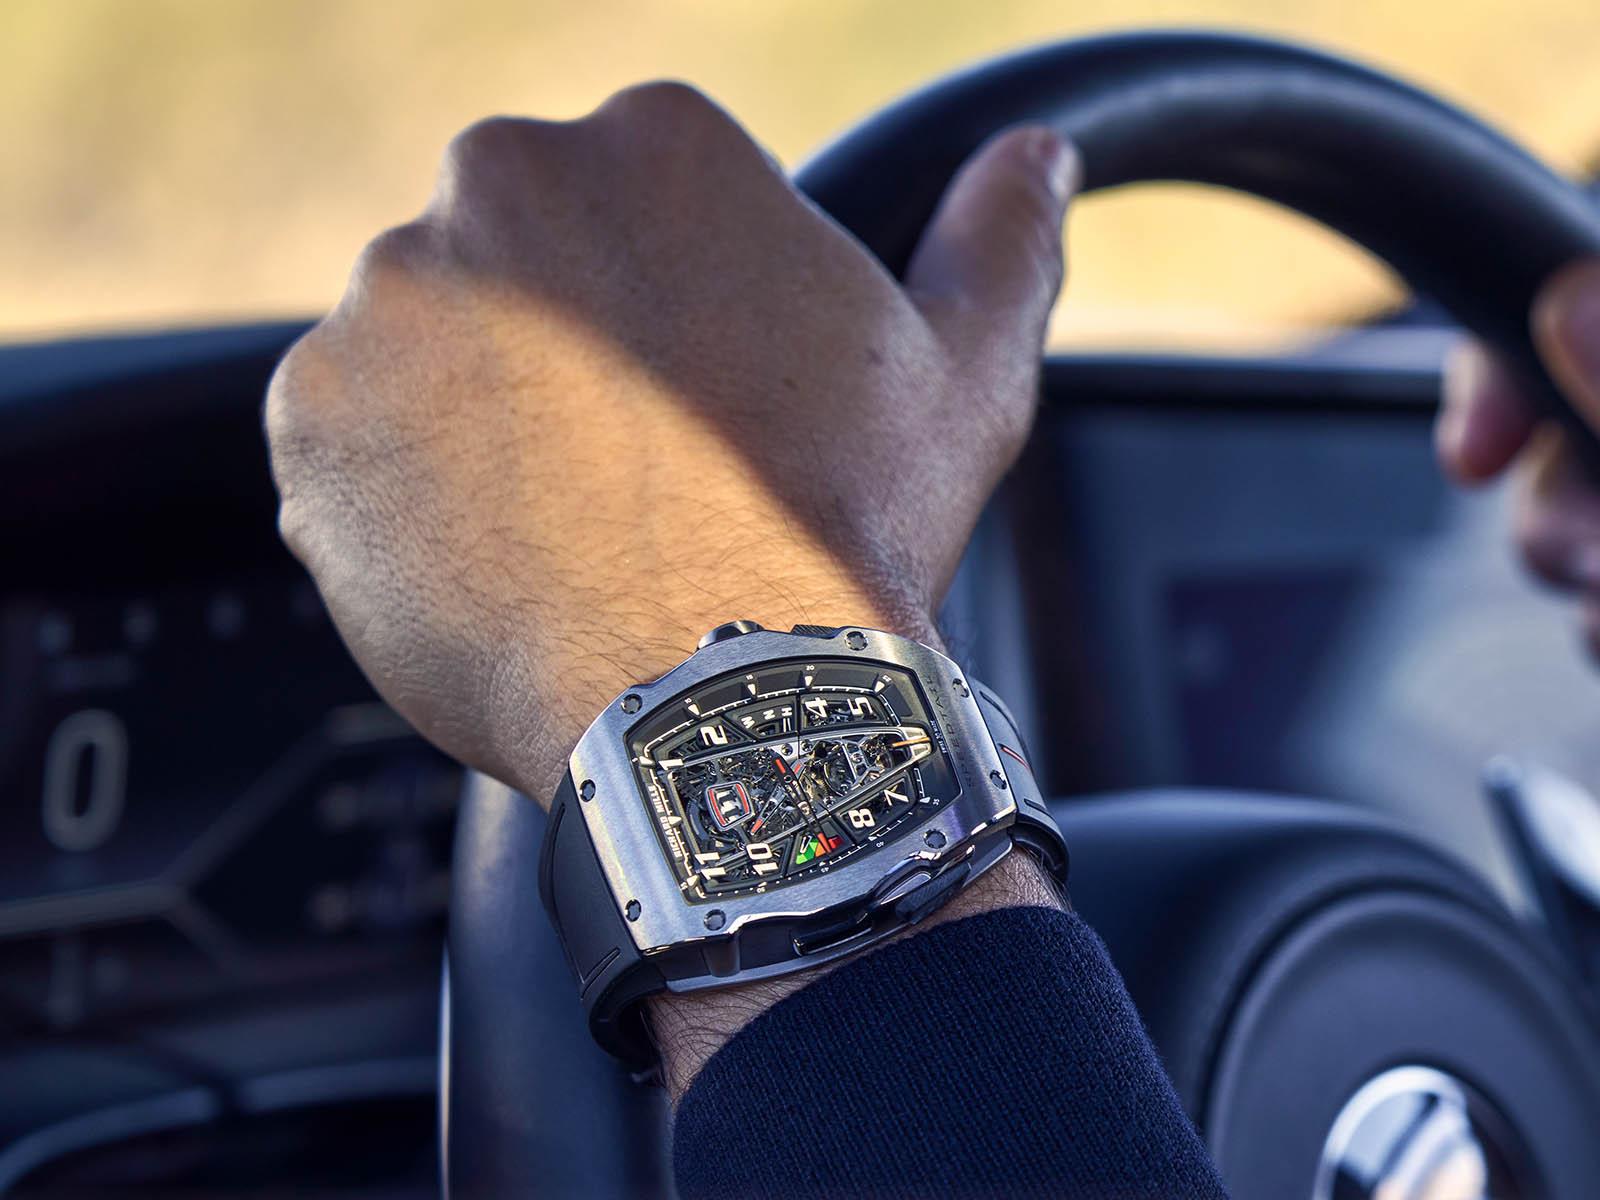 richard-mille-40-01-automatic-tourbillon-mclaren-speedtail-3.jpg